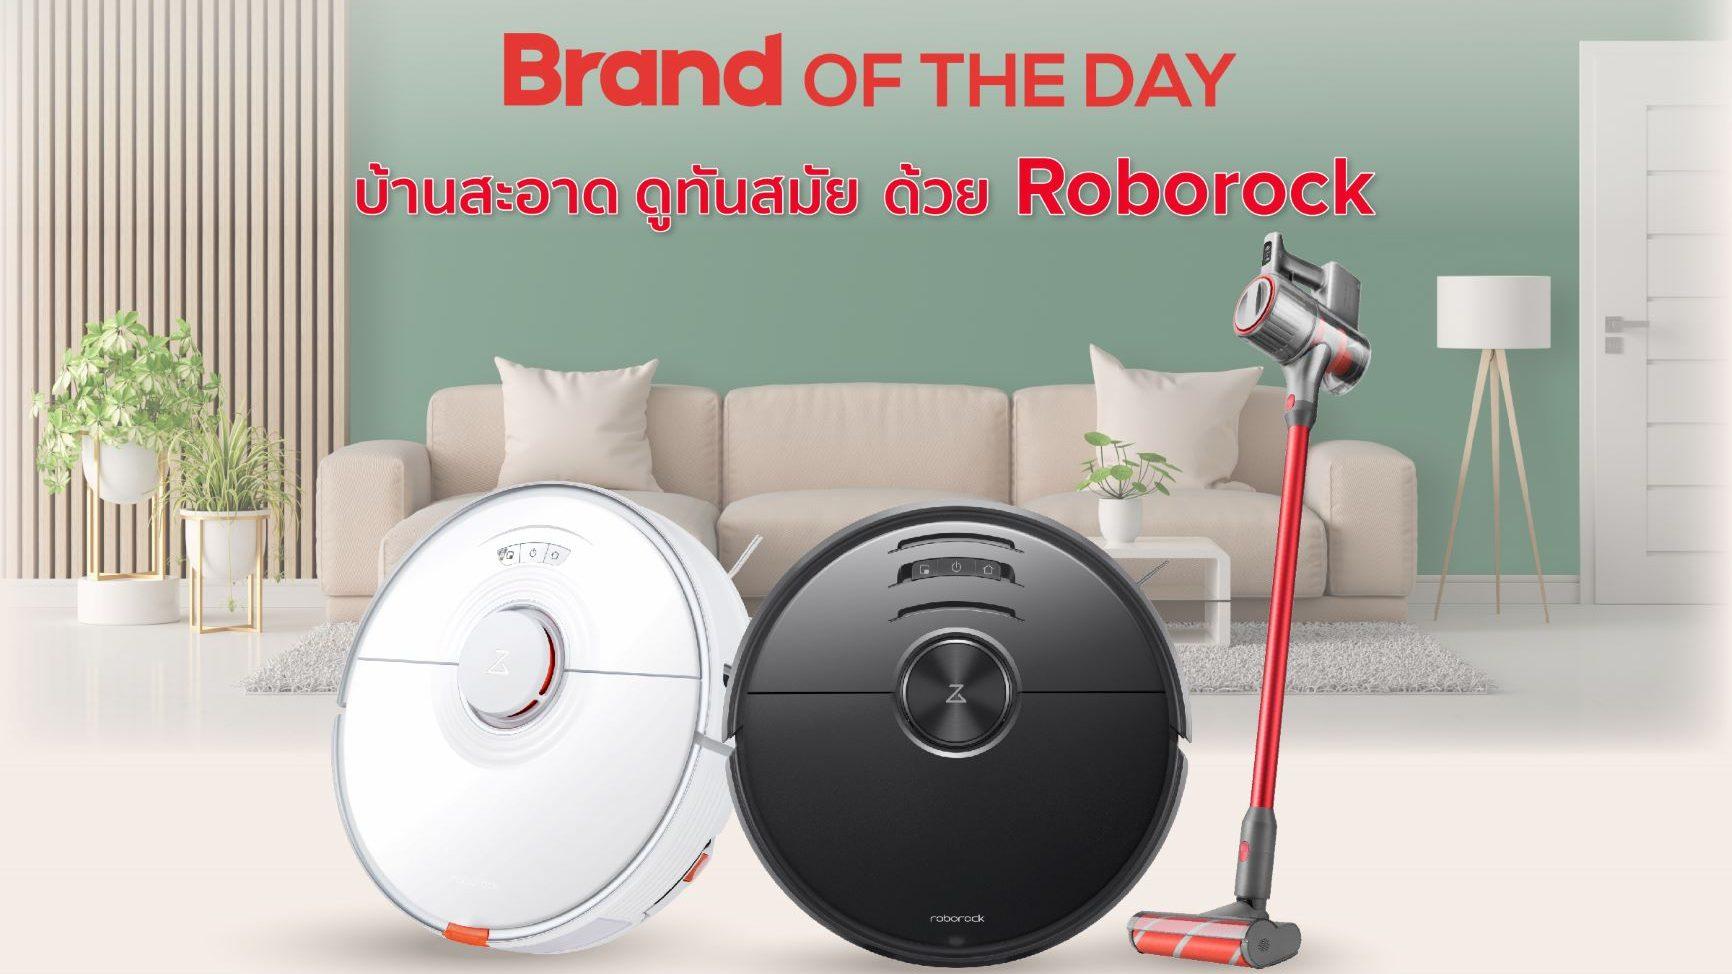 Roborock x Shopee Shopee